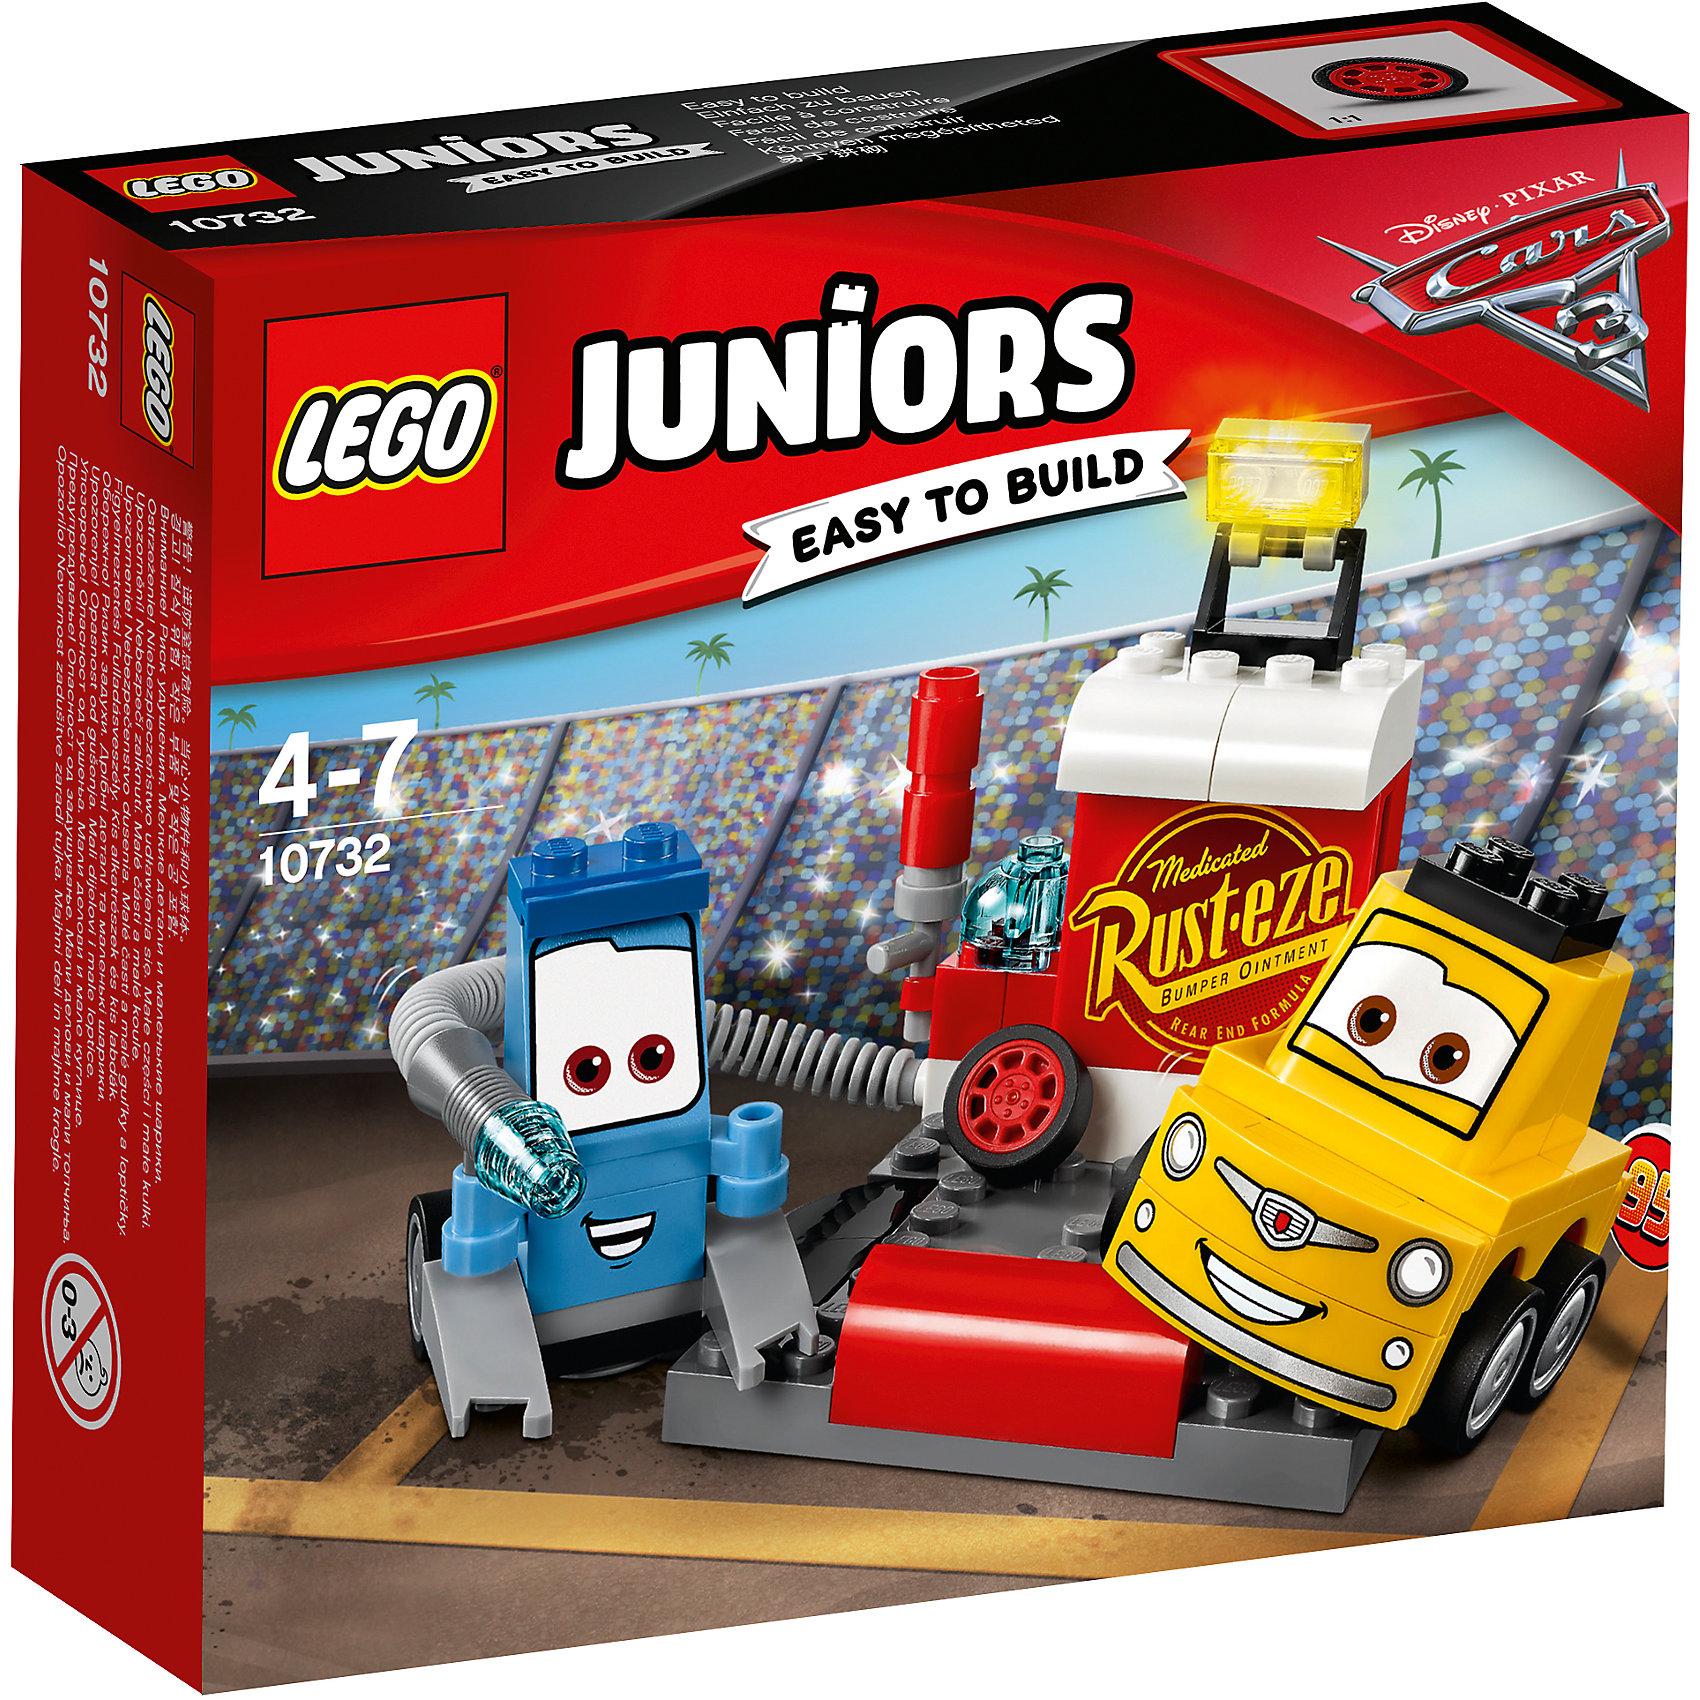 Конструктор LEGO Juniors 10732: Тачки 3 Пит-стоп Гвидо и ЛуиджиПластмассовые конструкторы<br>Характеристики товара:<br><br>• возраст: от 4 лет;<br>• материал: пластик;<br>• в комплекте: 75 деталей, инструкция;<br>• размер упаковки: 15,7х14х4,5 см;<br>• вес упаковки: 130 гр.;<br>• страна производитель: Венгрия.<br><br>Конструктор Lego Juniors «Пит-стоп Гвидо и Луиджи» создан по мотивам мультфильма «Тачки 3». Гвидо и Луиджи занимаются подготовкой гонщиков к старту, устранением технических неисправностей и заправкой бака машинки. Они готовят машинки к гонке на своем пит-стопе, на котором имеются канистра со шлангом для заправки, запасное колесо, шлагбаум, дающий старт.<br><br>Из элементов предстоит собрать 2 машинки и пит-стоп. Все детали конструктора созданы из качественных безопасных материалов. В процессе сборки у ребенка развивается мелкая моторика рук, усидчивость, логическое мышление.<br><br>Конструктор Lego Juniors «Пит-стоп Гвидо и Луиджи» можно приобрести в нашем интернет-магазине.<br><br>Ширина мм: 159<br>Глубина мм: 142<br>Высота мм: 48<br>Вес г: 132<br>Возраст от месяцев: 48<br>Возраст до месяцев: 2147483647<br>Пол: Мужской<br>Возраст: Детский<br>SKU: 5620062